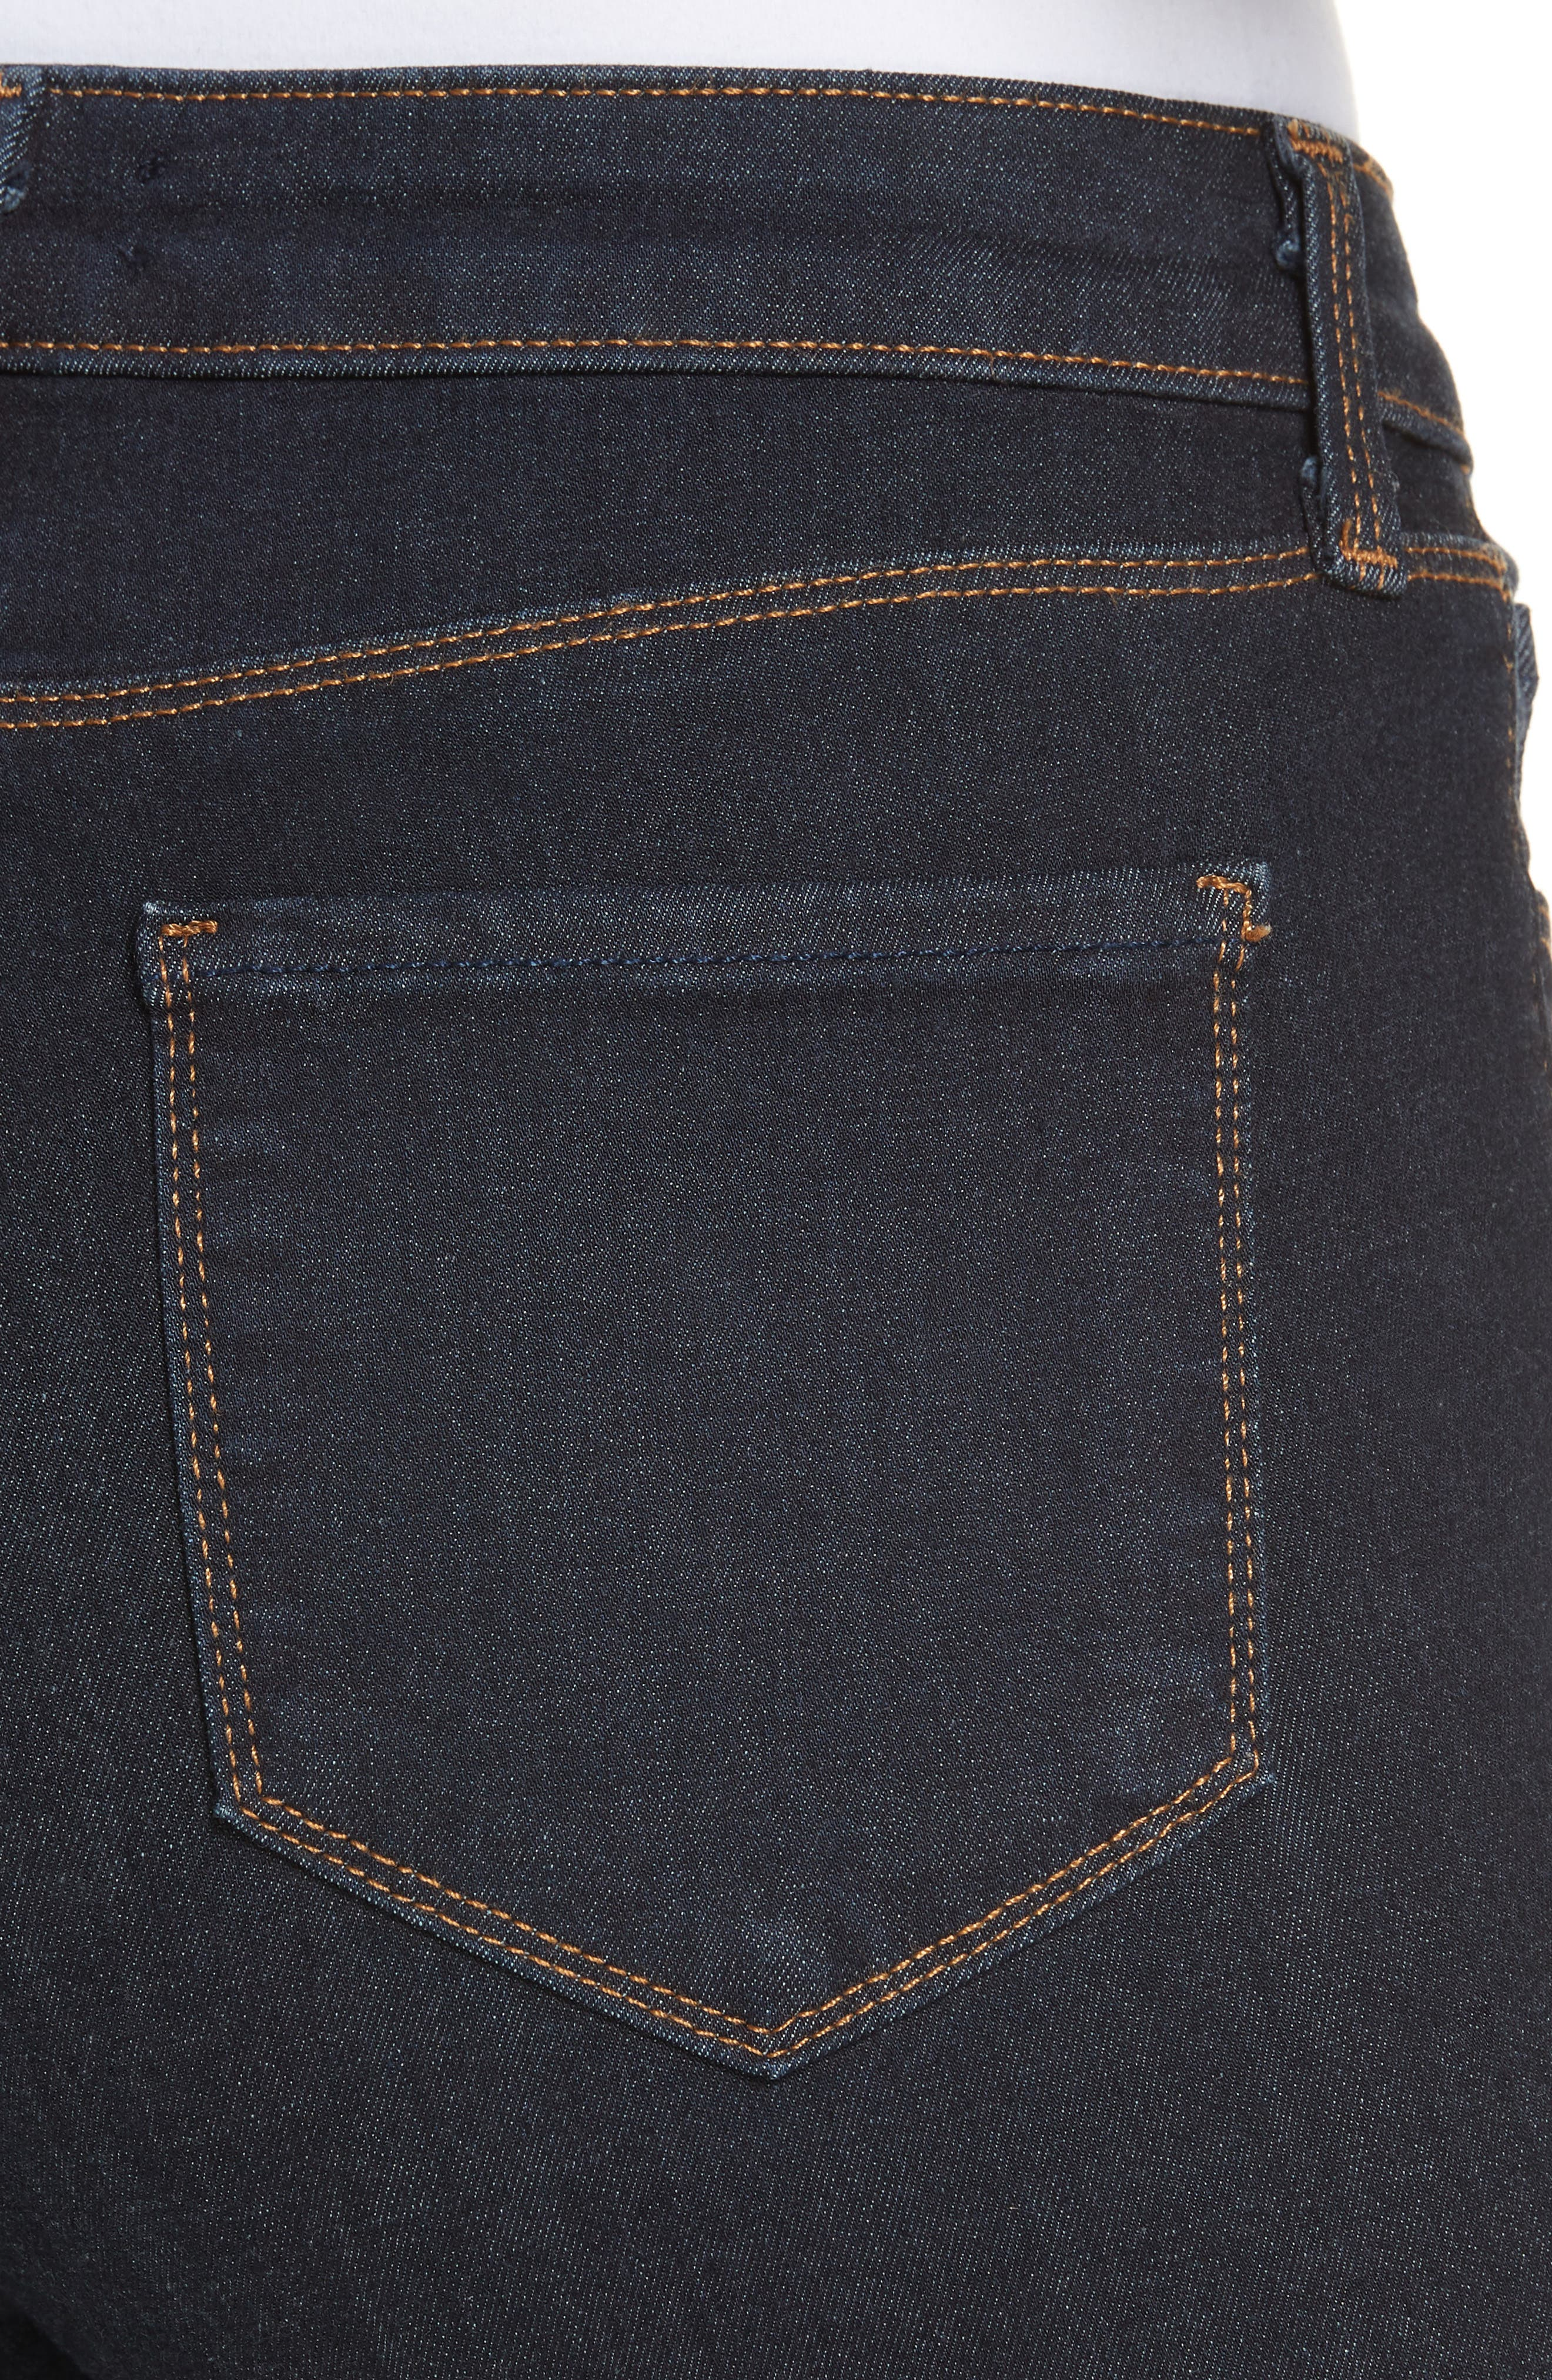 Margot High Waist Crop Jeans,                             Alternate thumbnail 4, color,                             MIDNIGHT